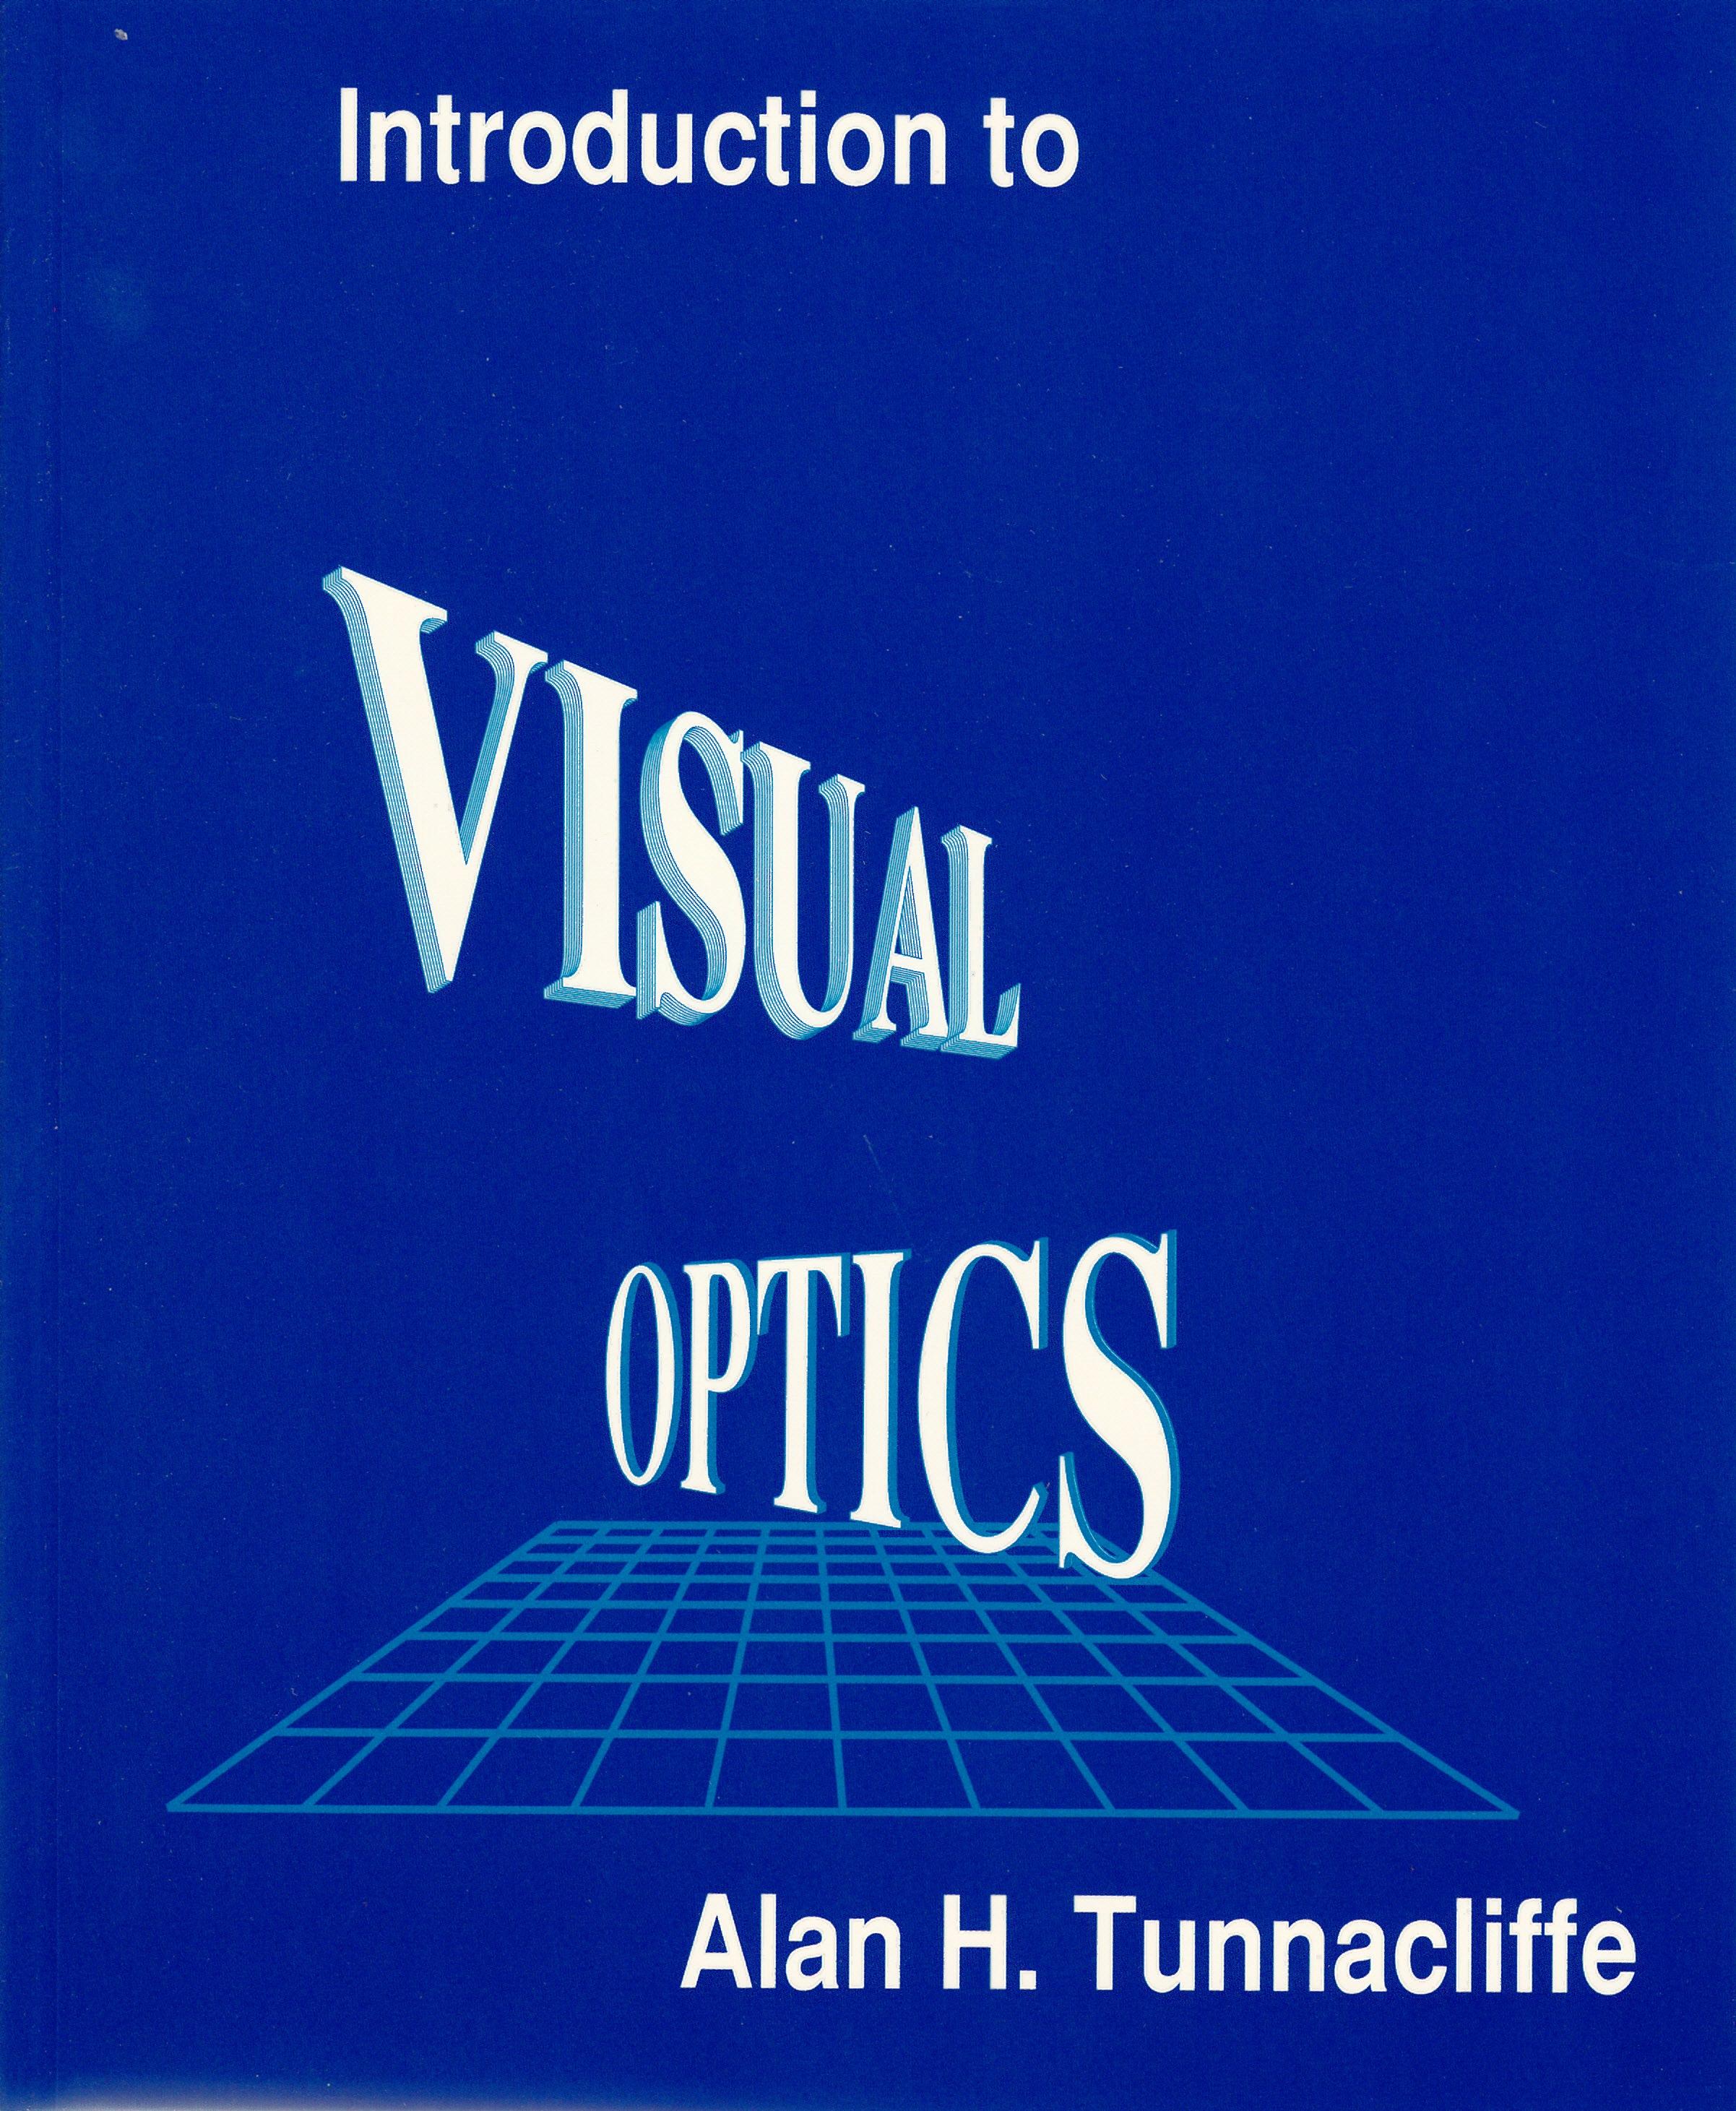 Visual Optics